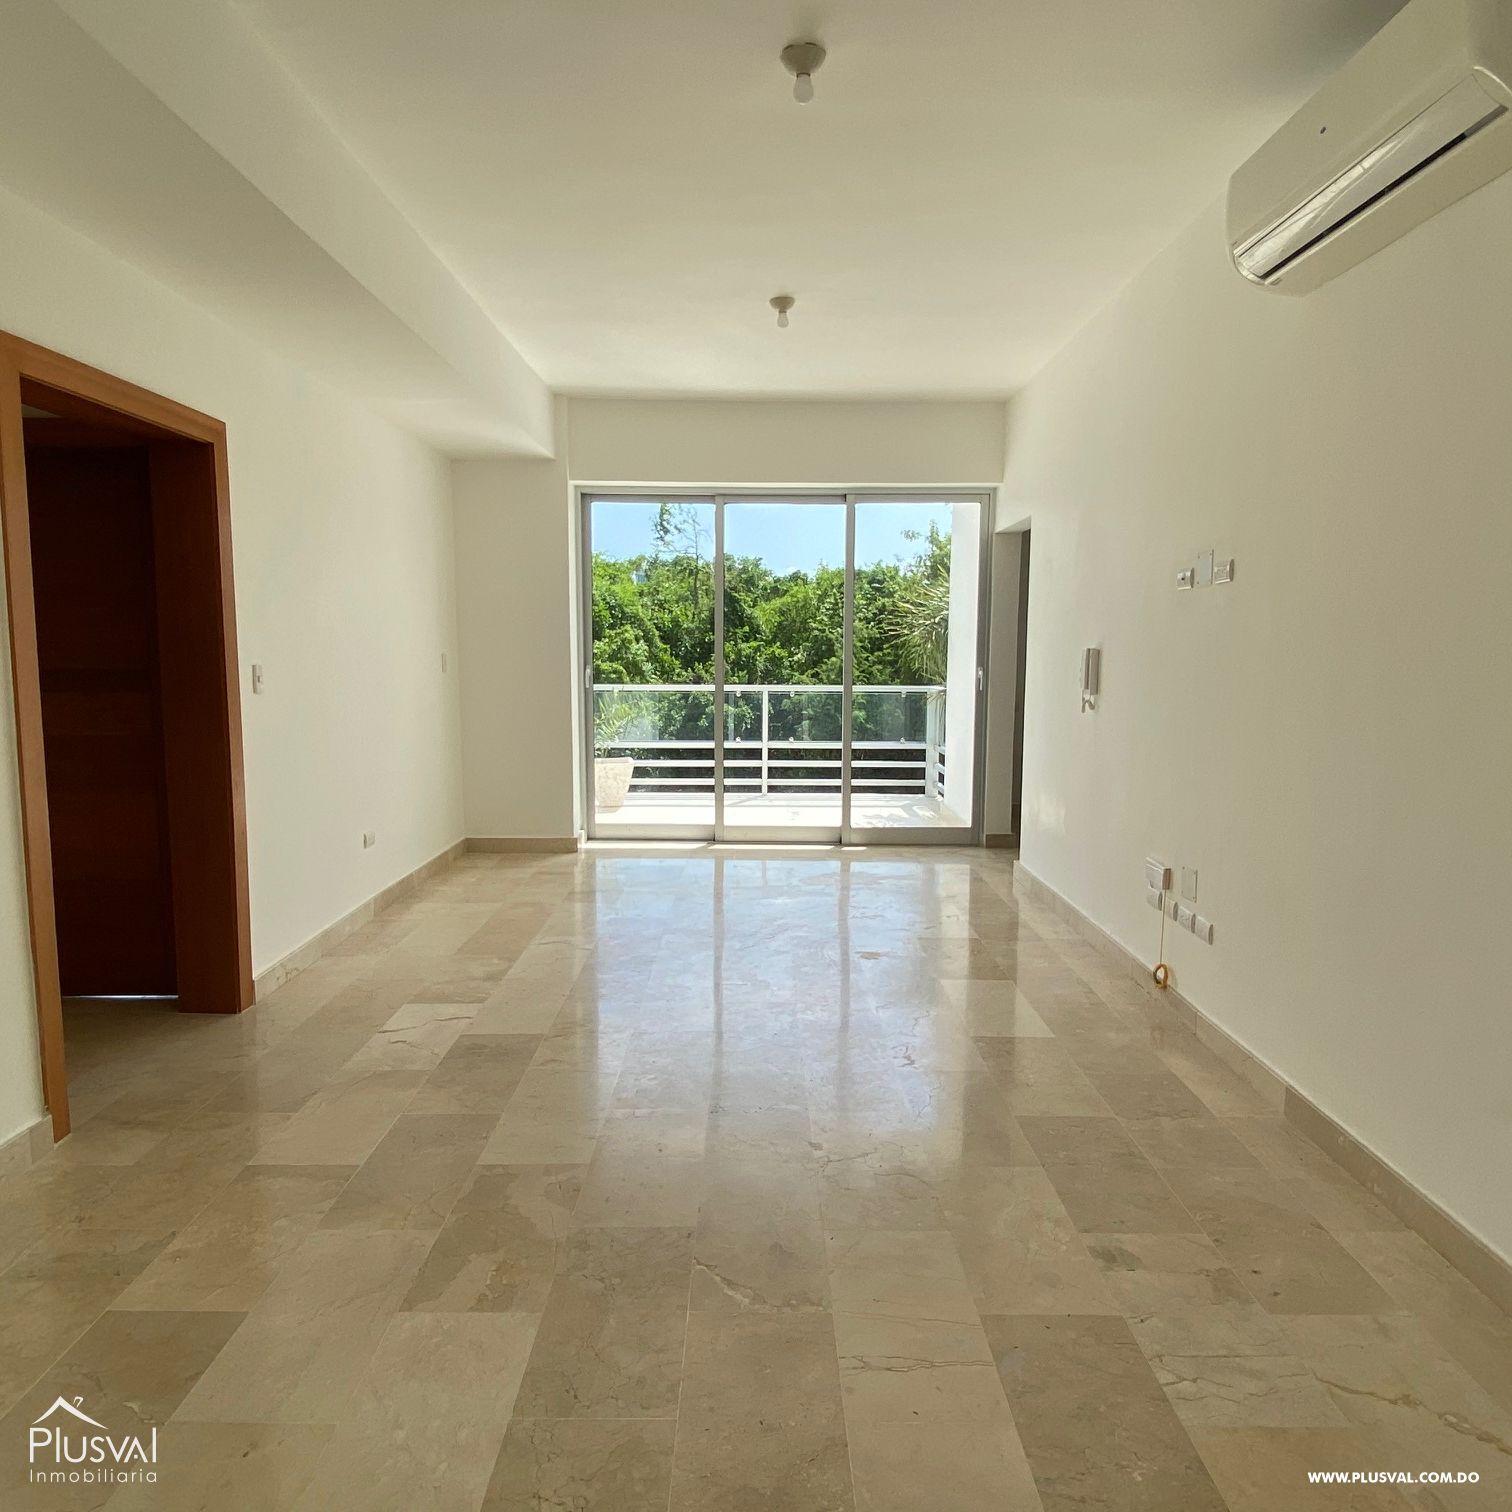 Apartamento en venta, en Puntacana Village